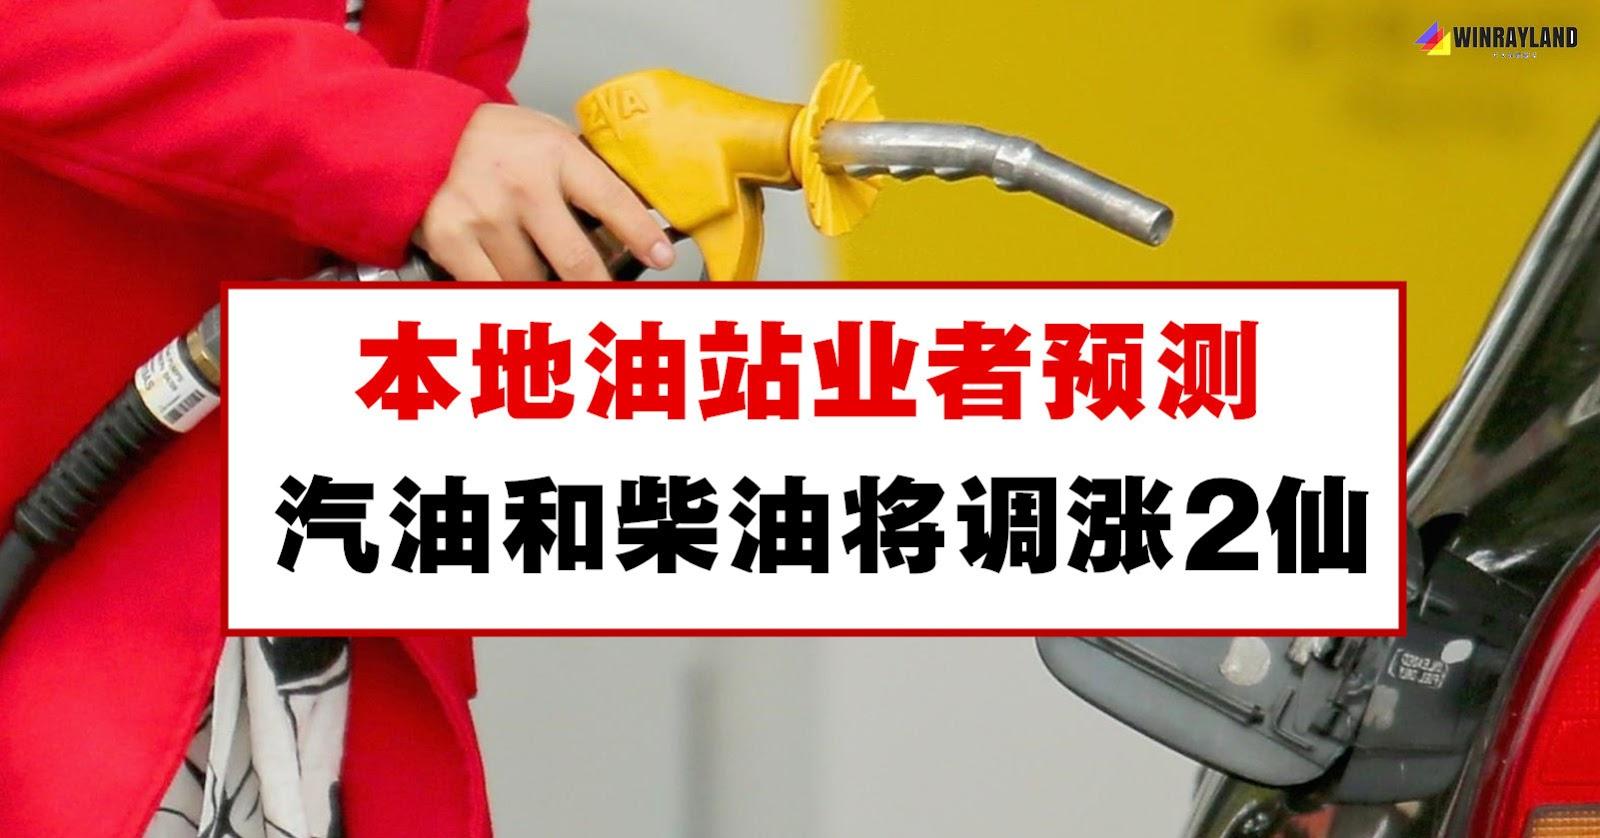 本地油站业者预测:汽油和柴油将调涨2仙